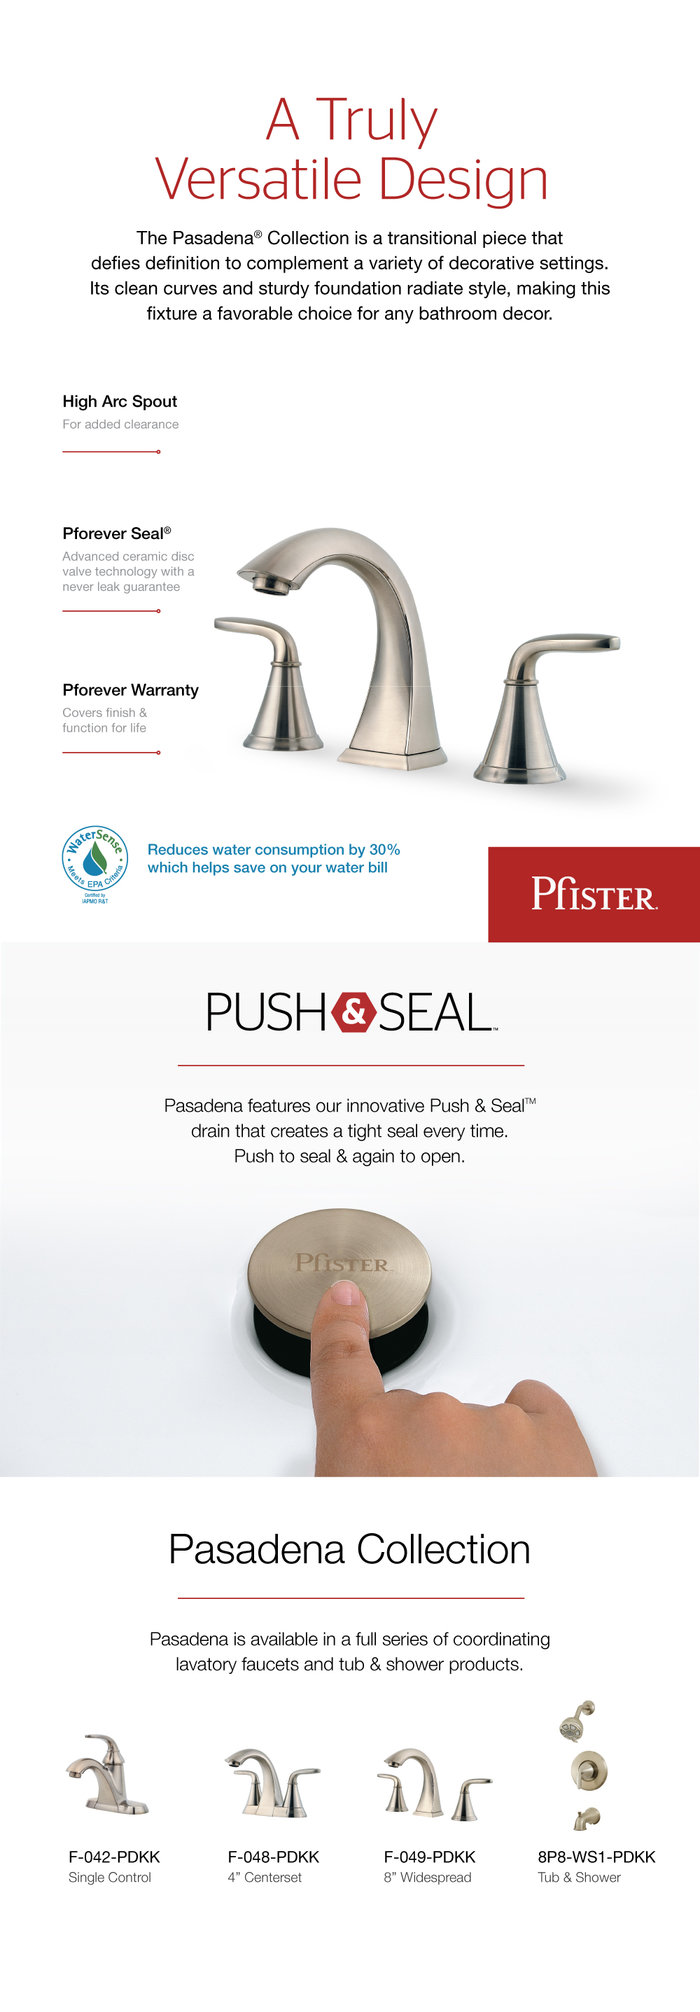 pfister pasadena 8 in. widespread 2-handle bathroom faucet in